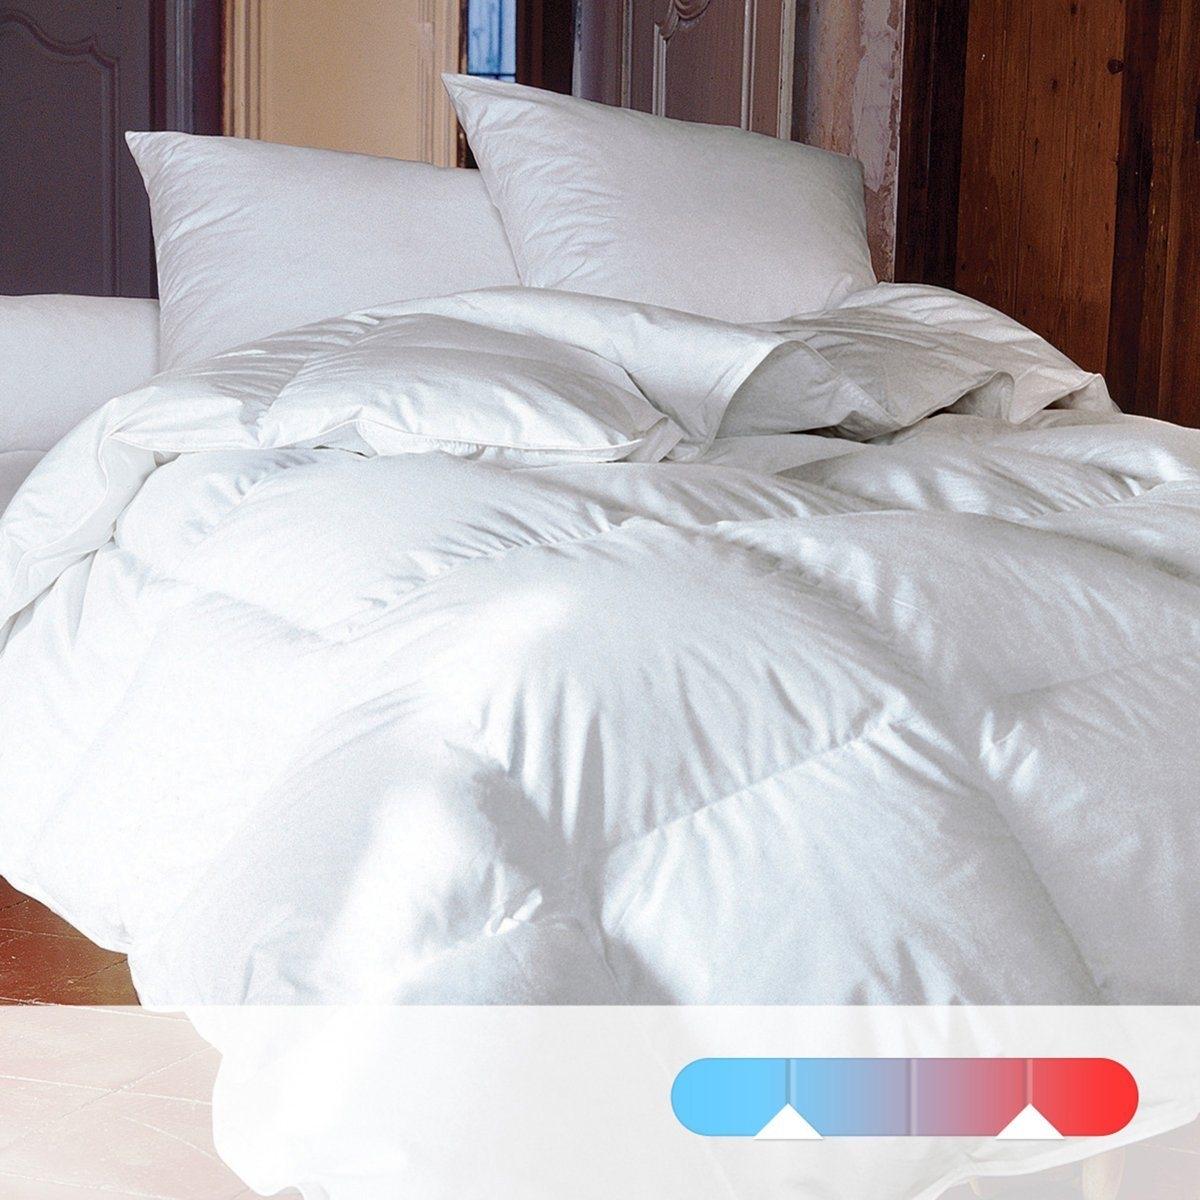 Одеяло двойное натуральное для комфортного сна. 50% пуха, 50% перьев.Двуспальное натуральное одеяло для комфортного сна valeur s?re : мягкое и удобное !Одеяло на все времена года: 1 летнее одеяло 130 г/м2 + 1 демисезонное одеяло 200 г/м2 соединяются завязками, образуя теплое зимнее одеяло. Верх: Превосходная тонкая и лёгкая перкаль из 100% хлопка.Наполнитель: 100% натуральный, настоящий пух молодой утки. 50% пуха, 50% перьев.Прострочка: квадратами. Отделка кантом, двойной усиленный стежок.Стирка при 40°.Доставка в чемоданчике для хранения..<br><br>Цвет: белый